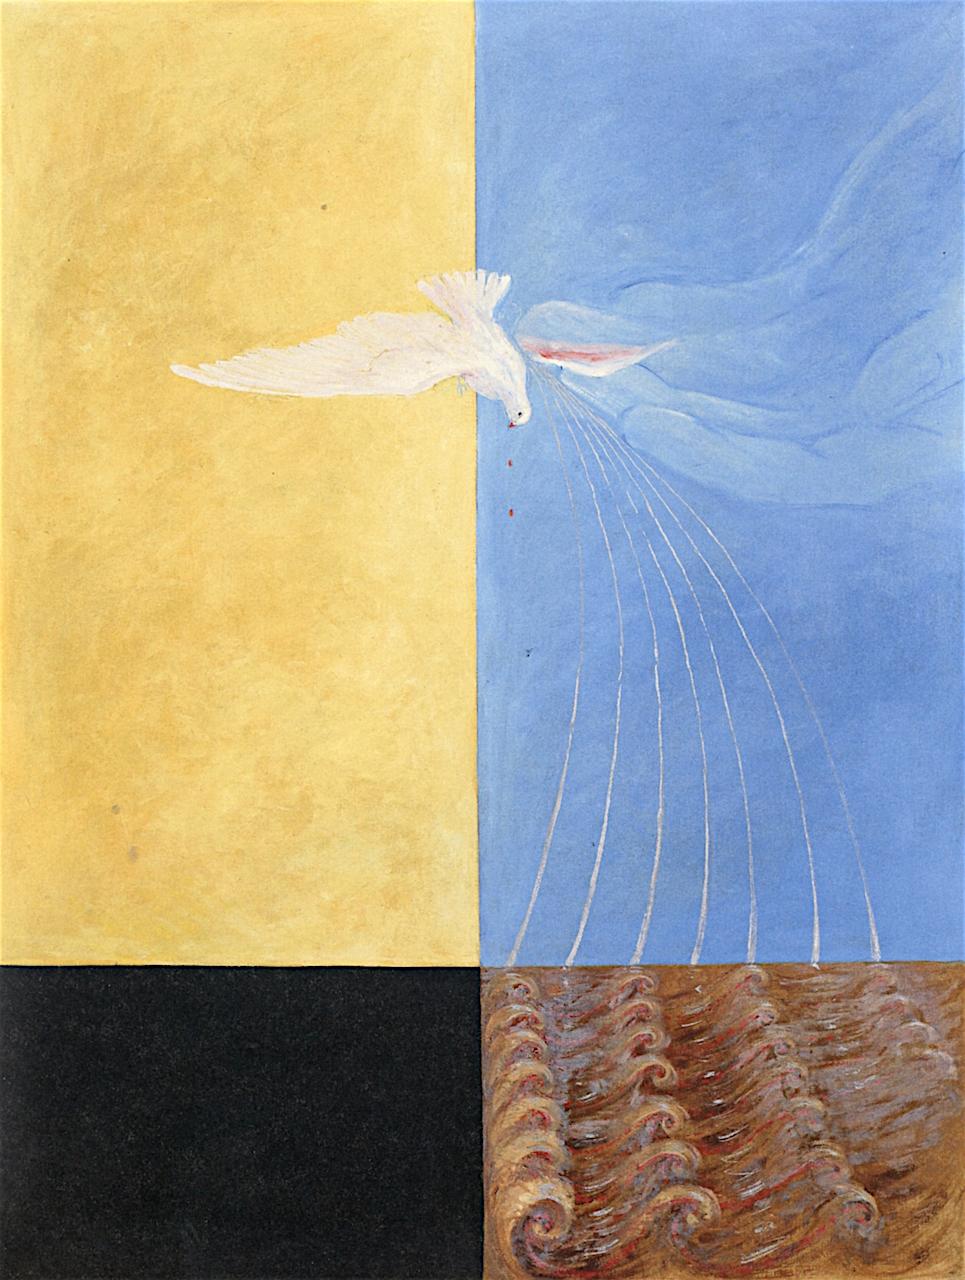 The Dove, No. 04, Group IX